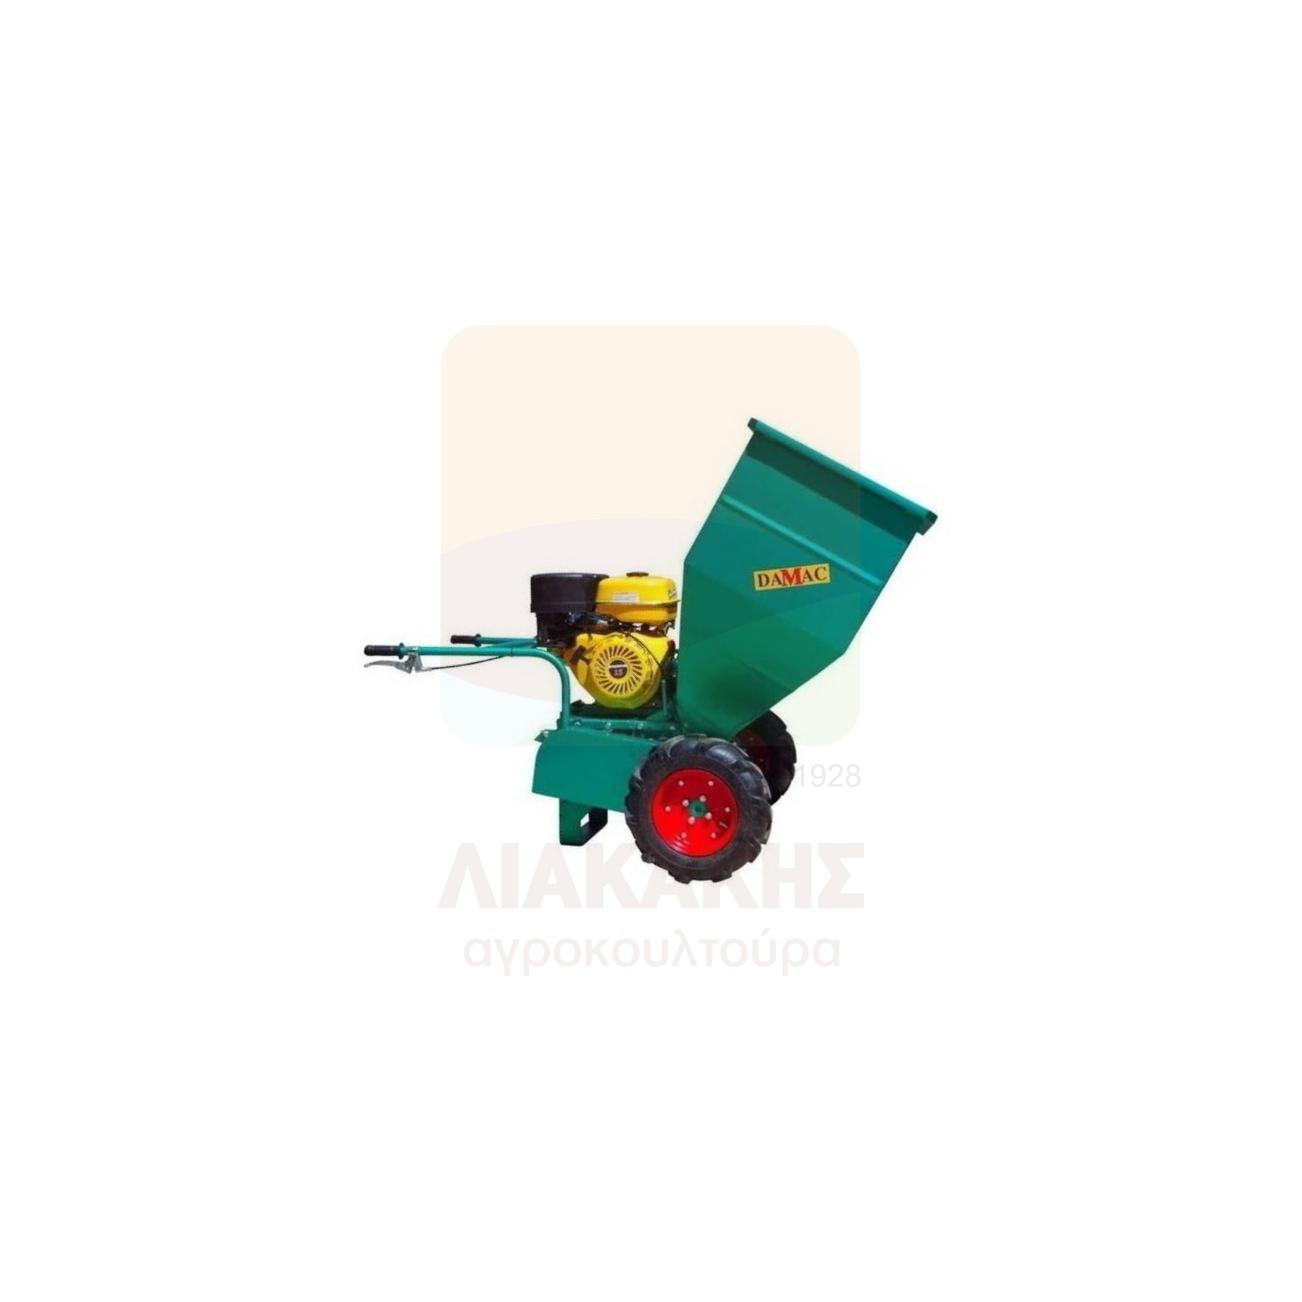 Βενζινοκίνητος Θρυμματιστής Κλαδιών Αυτοκινούμενος 25.180 15 HP DAMAC (78431)